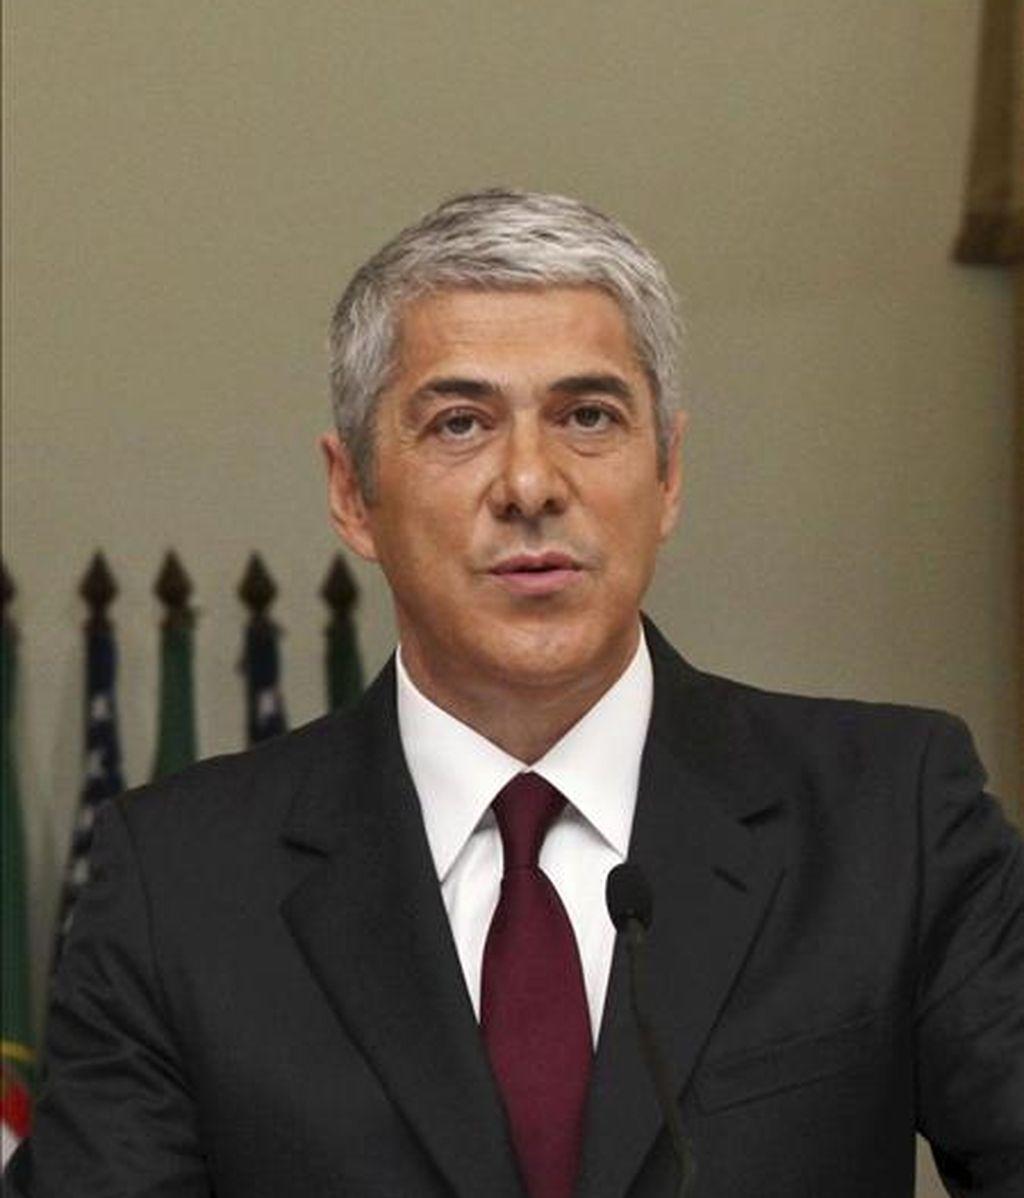 En la imagen, el primer ministro portugués, José Sócrates. EFE/Archivo